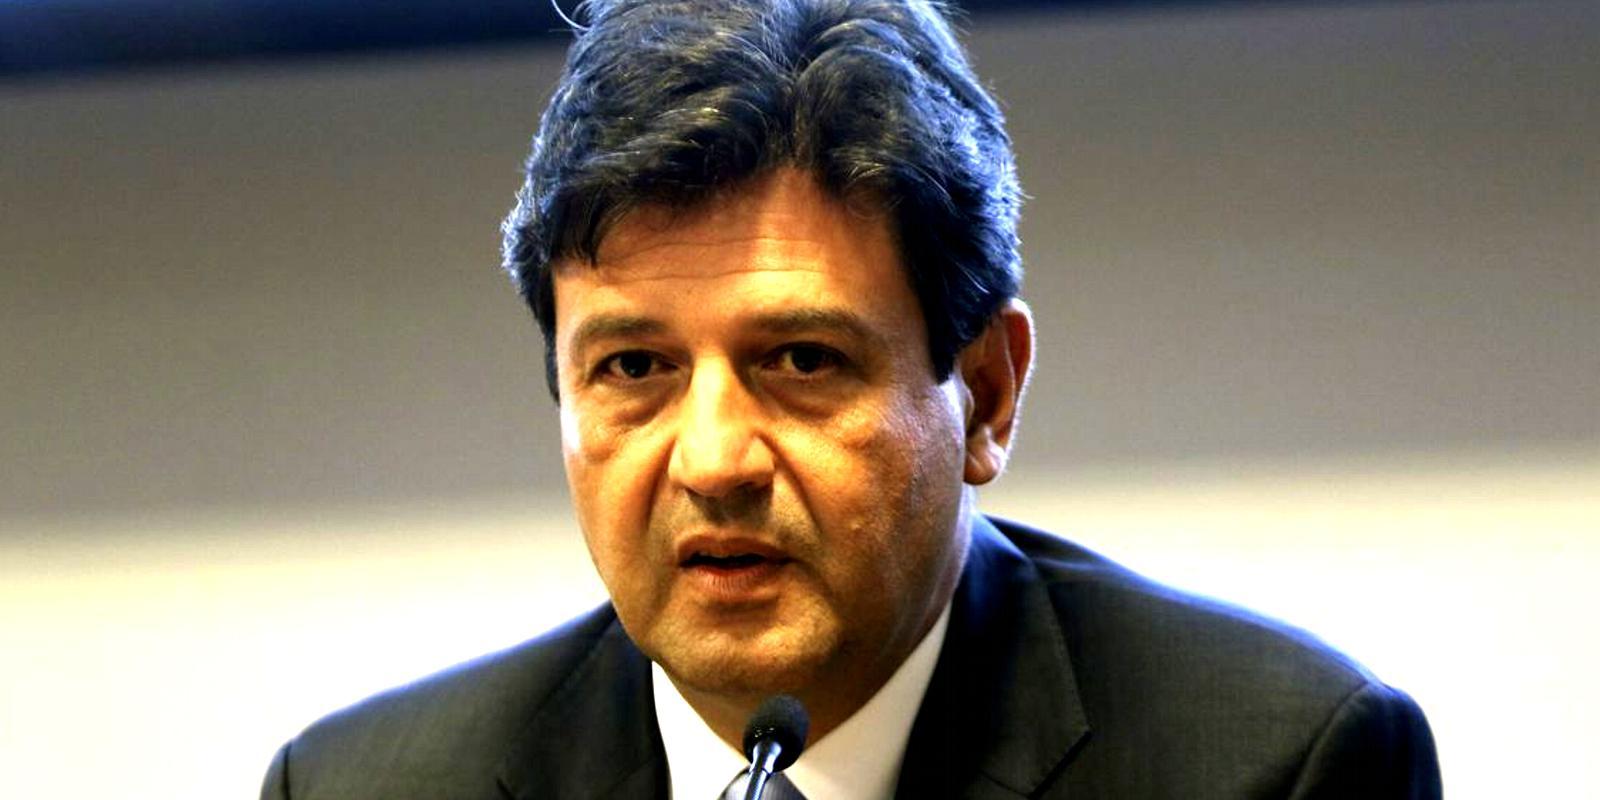 Ministro reforça importância da vacinação em reunião do Mercosul